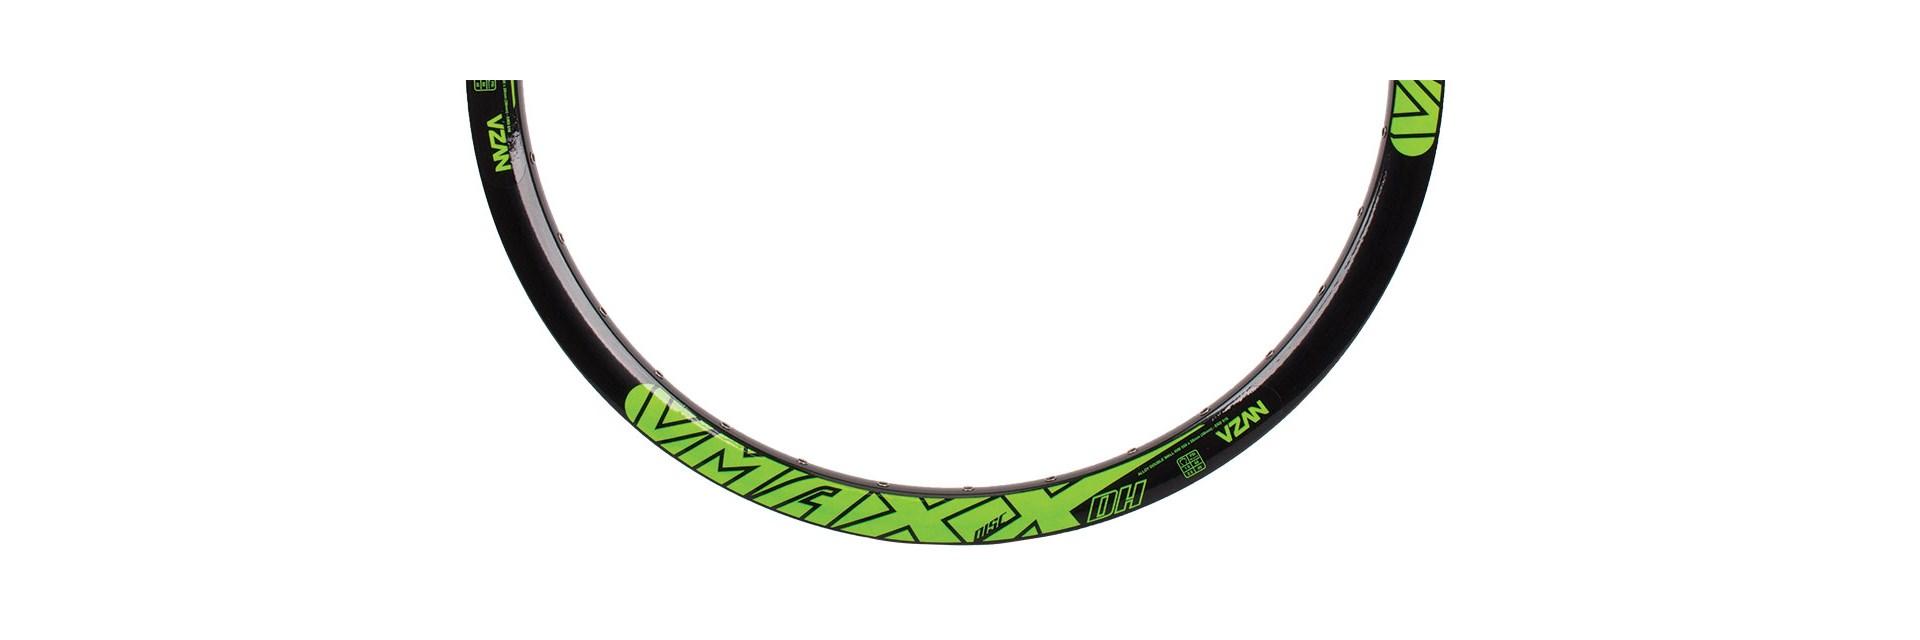 Aro Vmaxx 26/36F Preto Disc C/ Ilhos Ad Verde Neon